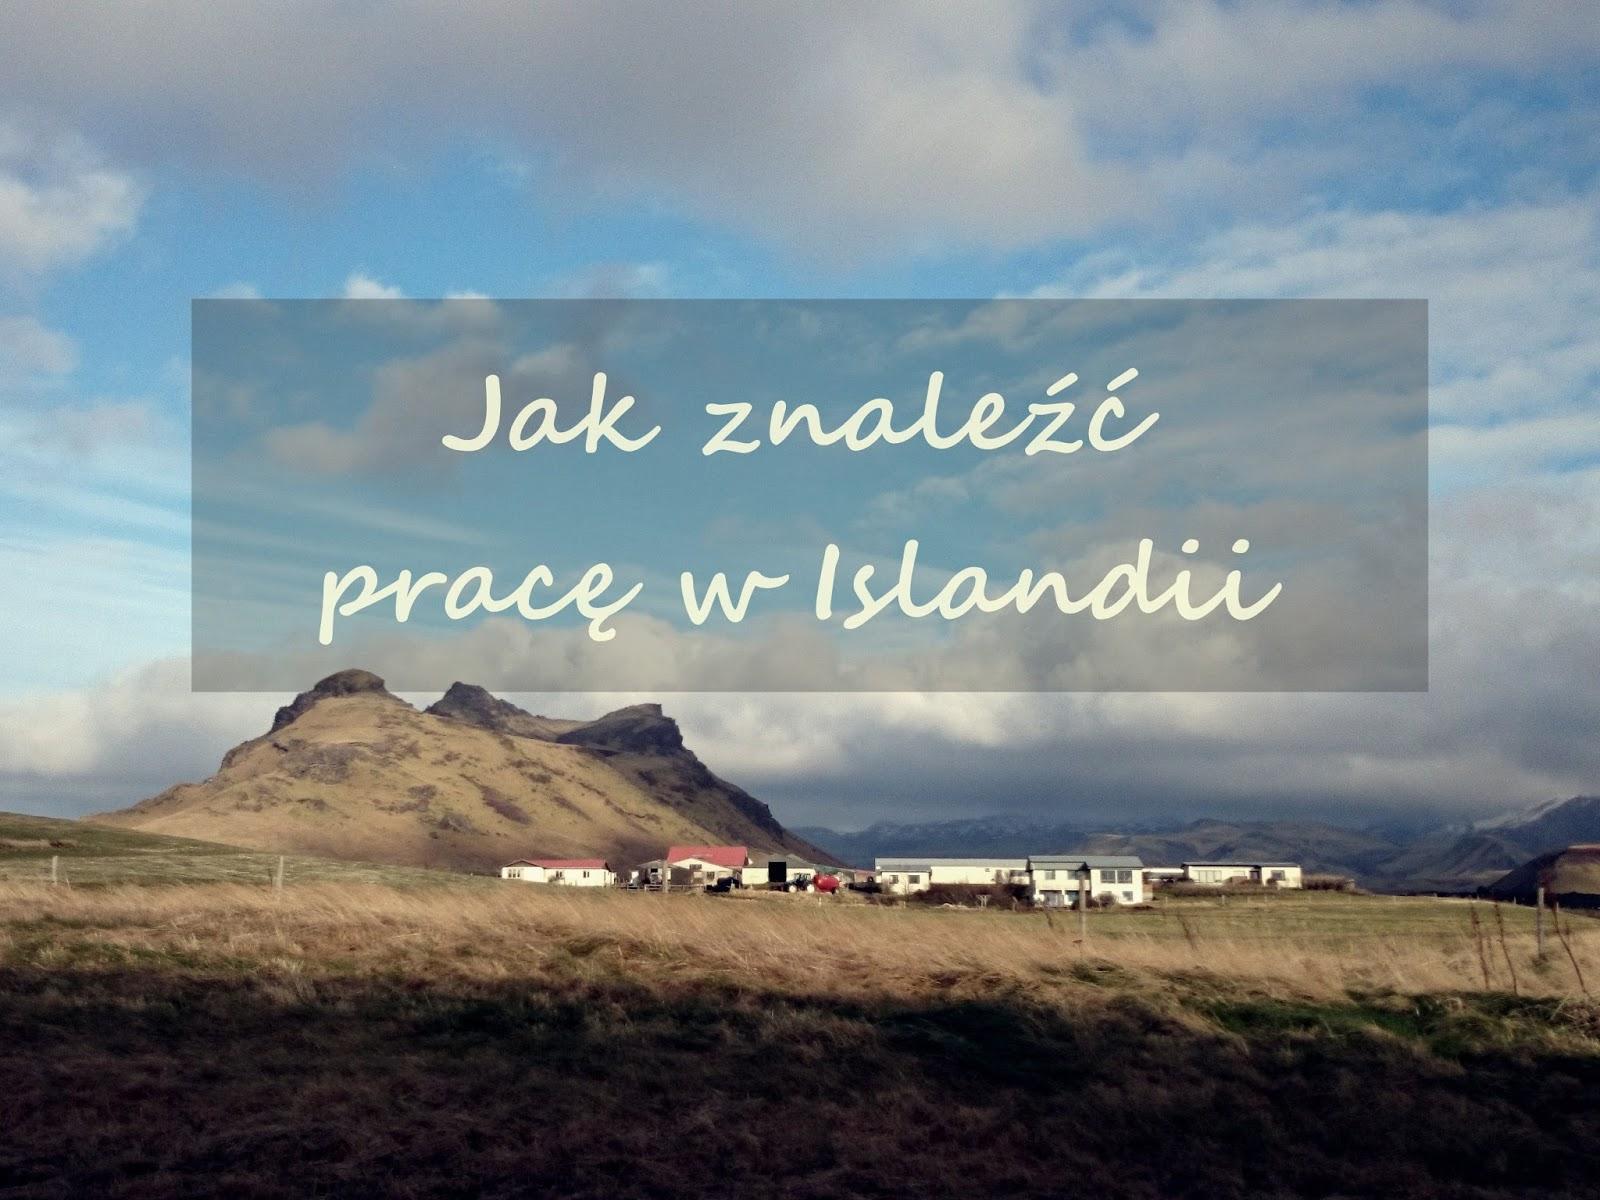 praca w Islandii, Islandia, praca, hotel, krajobraz, góra, panidorcia, Pani Dorcia